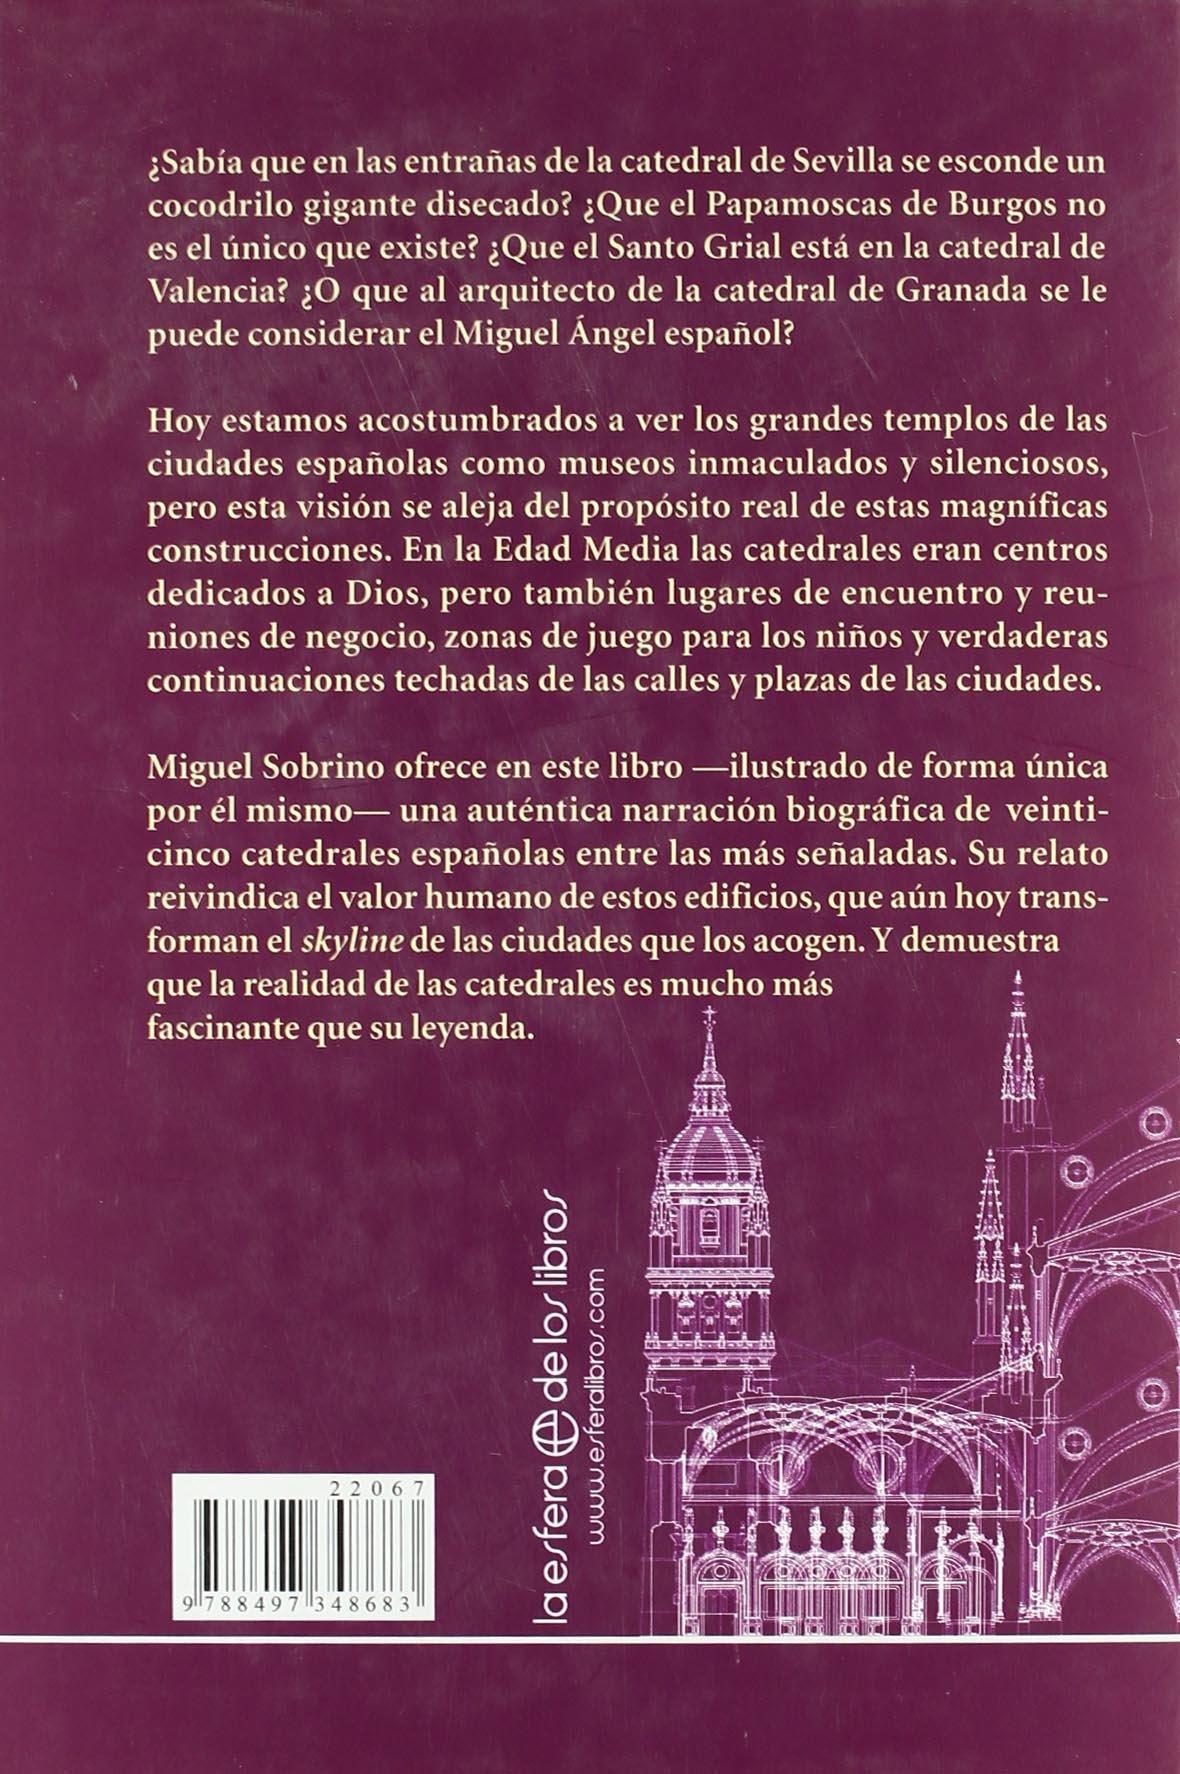 Catedrales - las desconocidas biografias de los grandes templos de España Historia Divulgativa: Amazon.es: Sobrino, Miguel: Libros